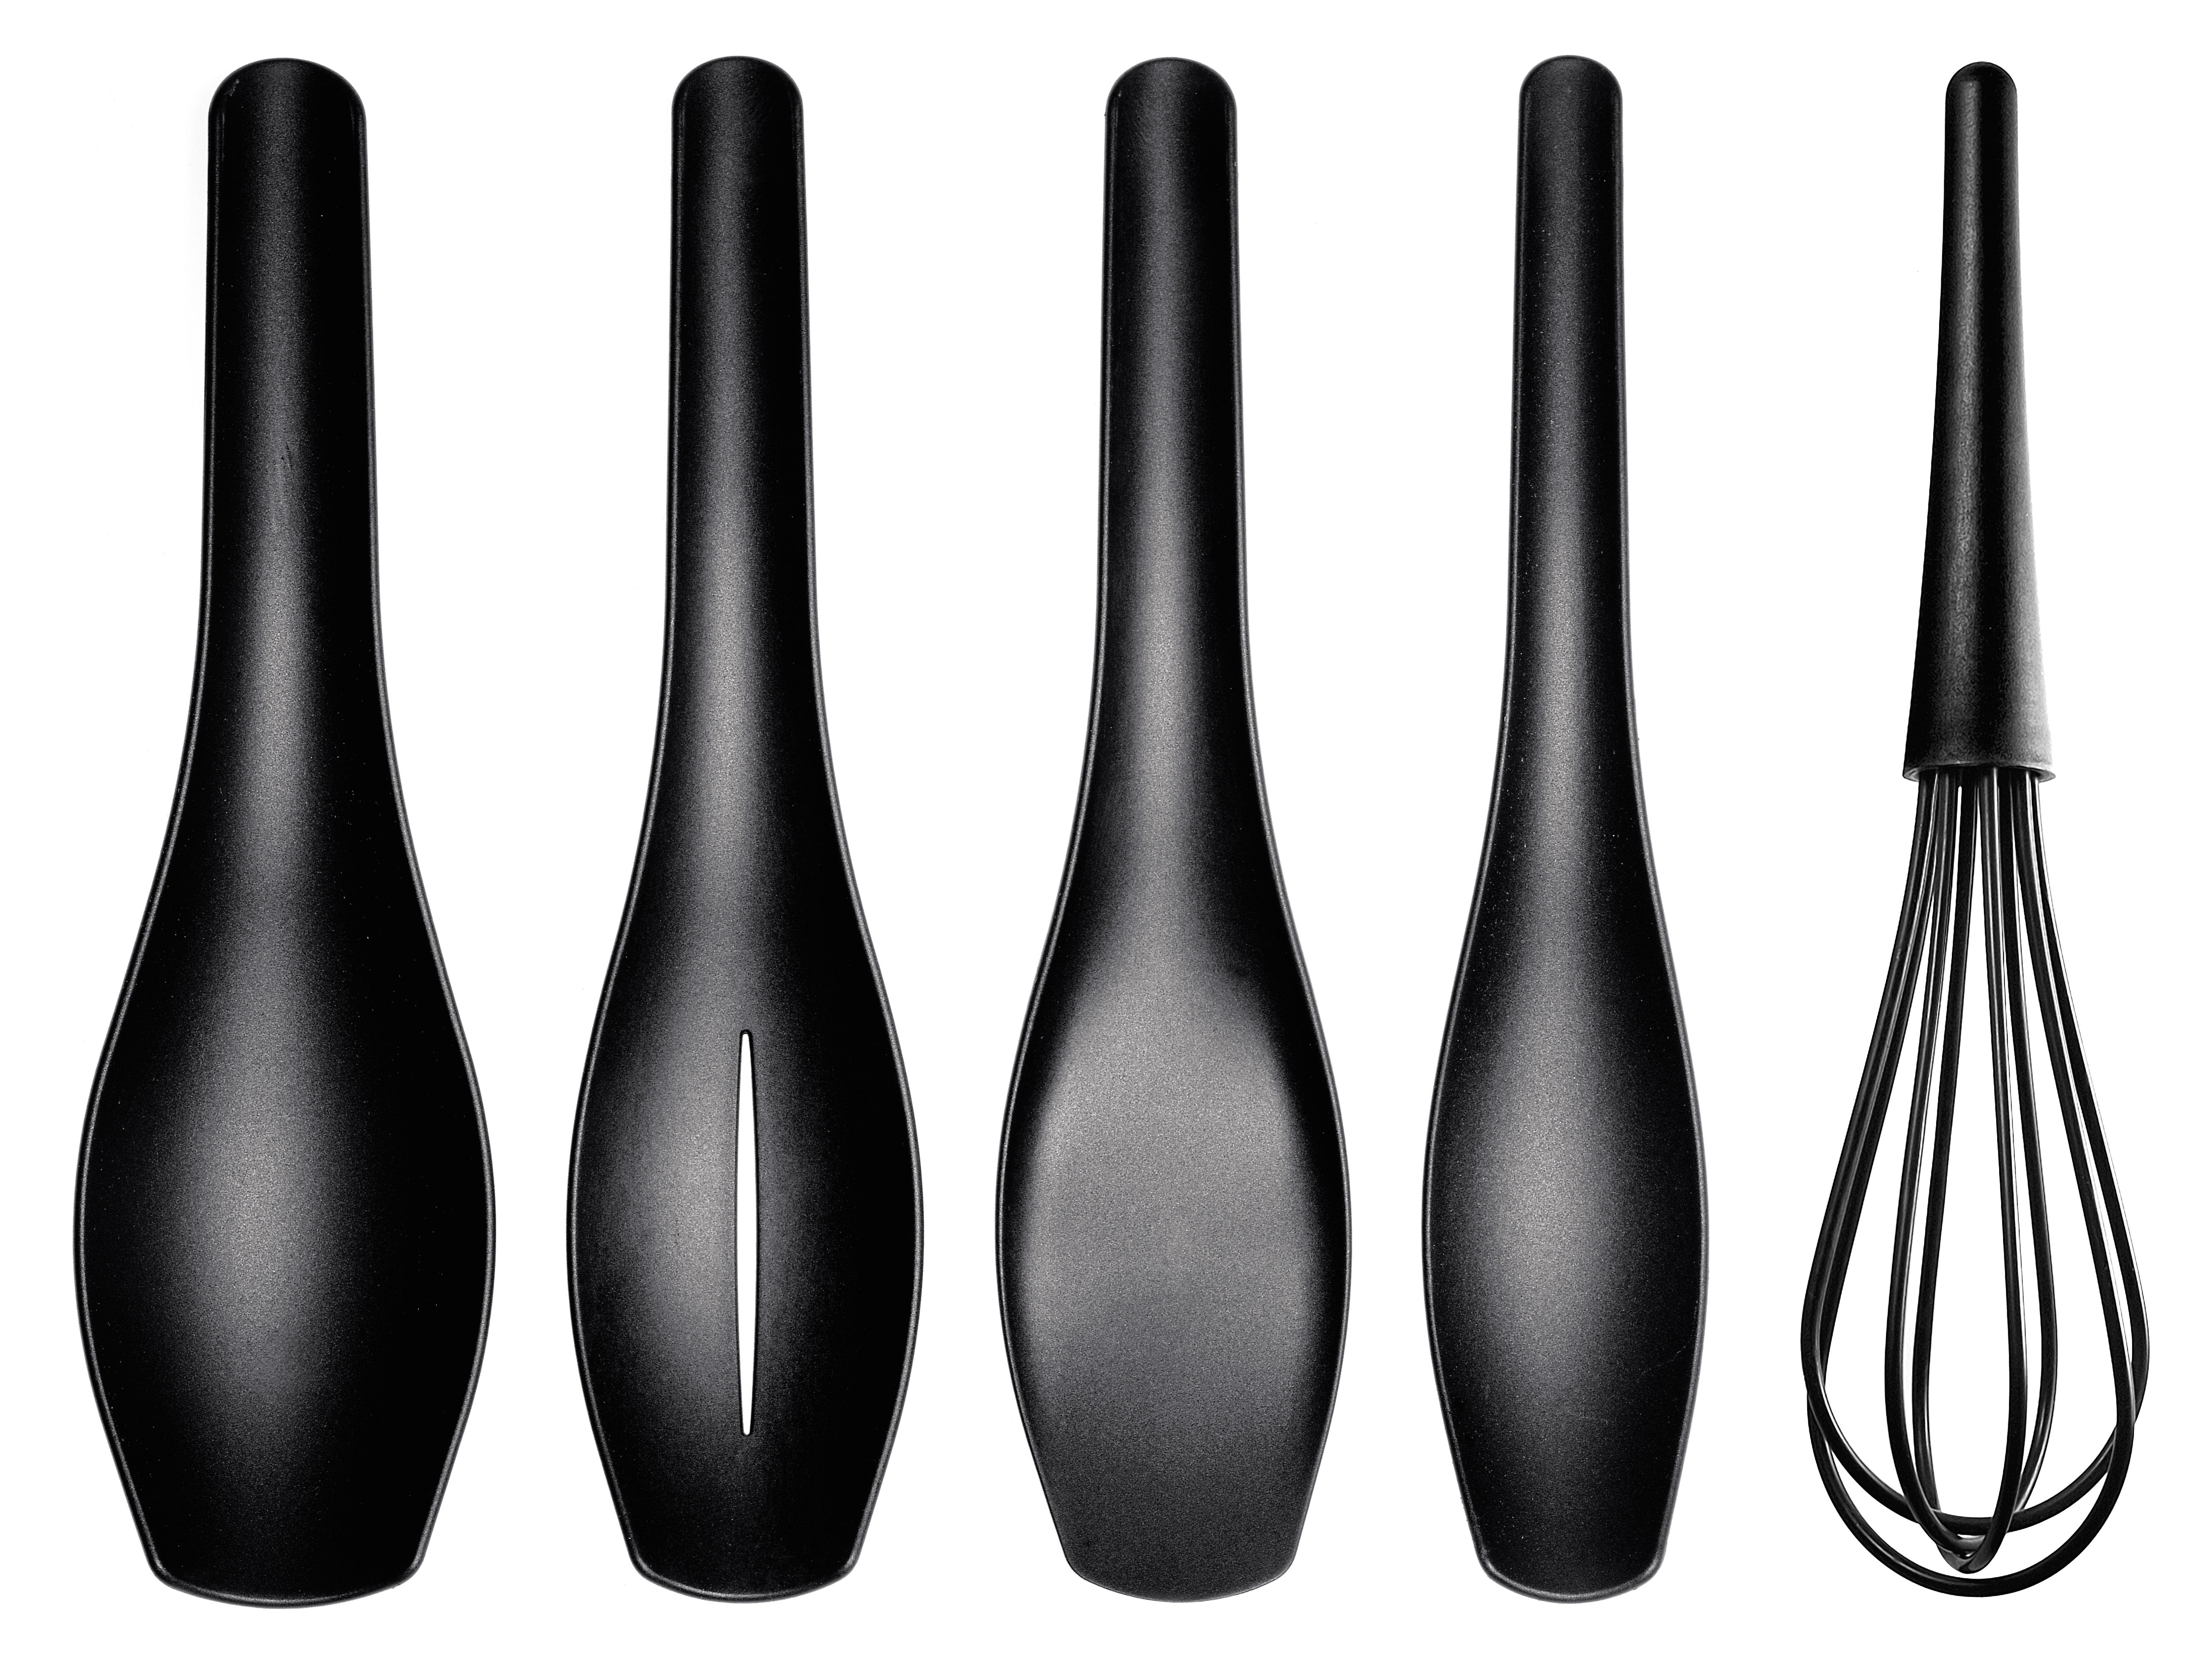 Set ustensiles de cuisine 4 pi ces noir aluminium for Set ustensile de cuisine